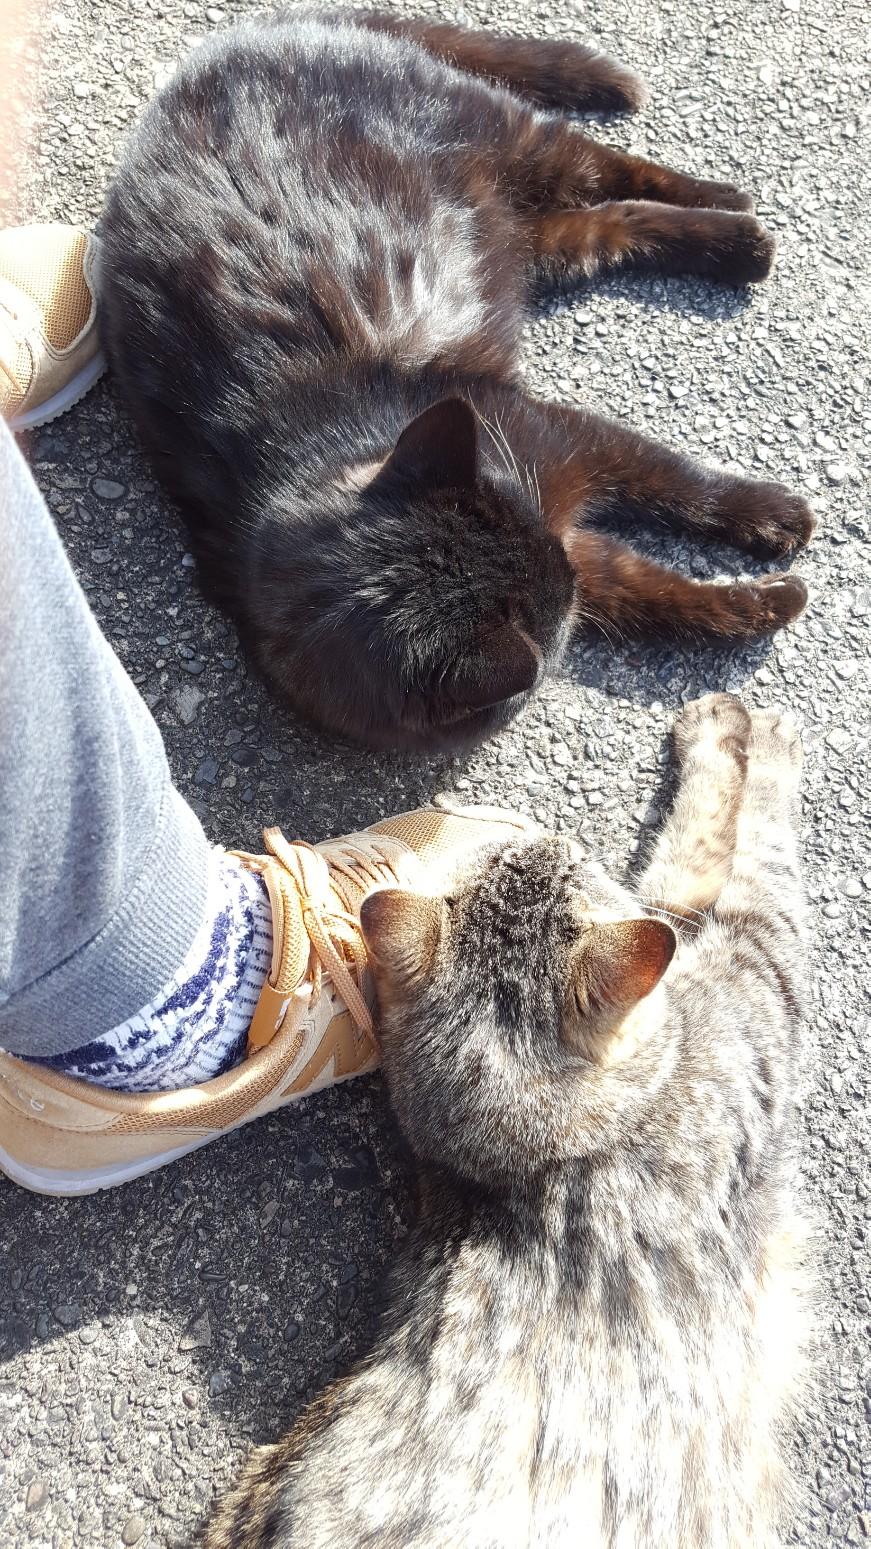 2/4 食後のシマちゃんとビビ。 私を見上げる顔がかわいい💗 この日は暖かくて、2匹はしばらくこの体勢でのんびりしてました。くつろいでくれてうれしいです😊